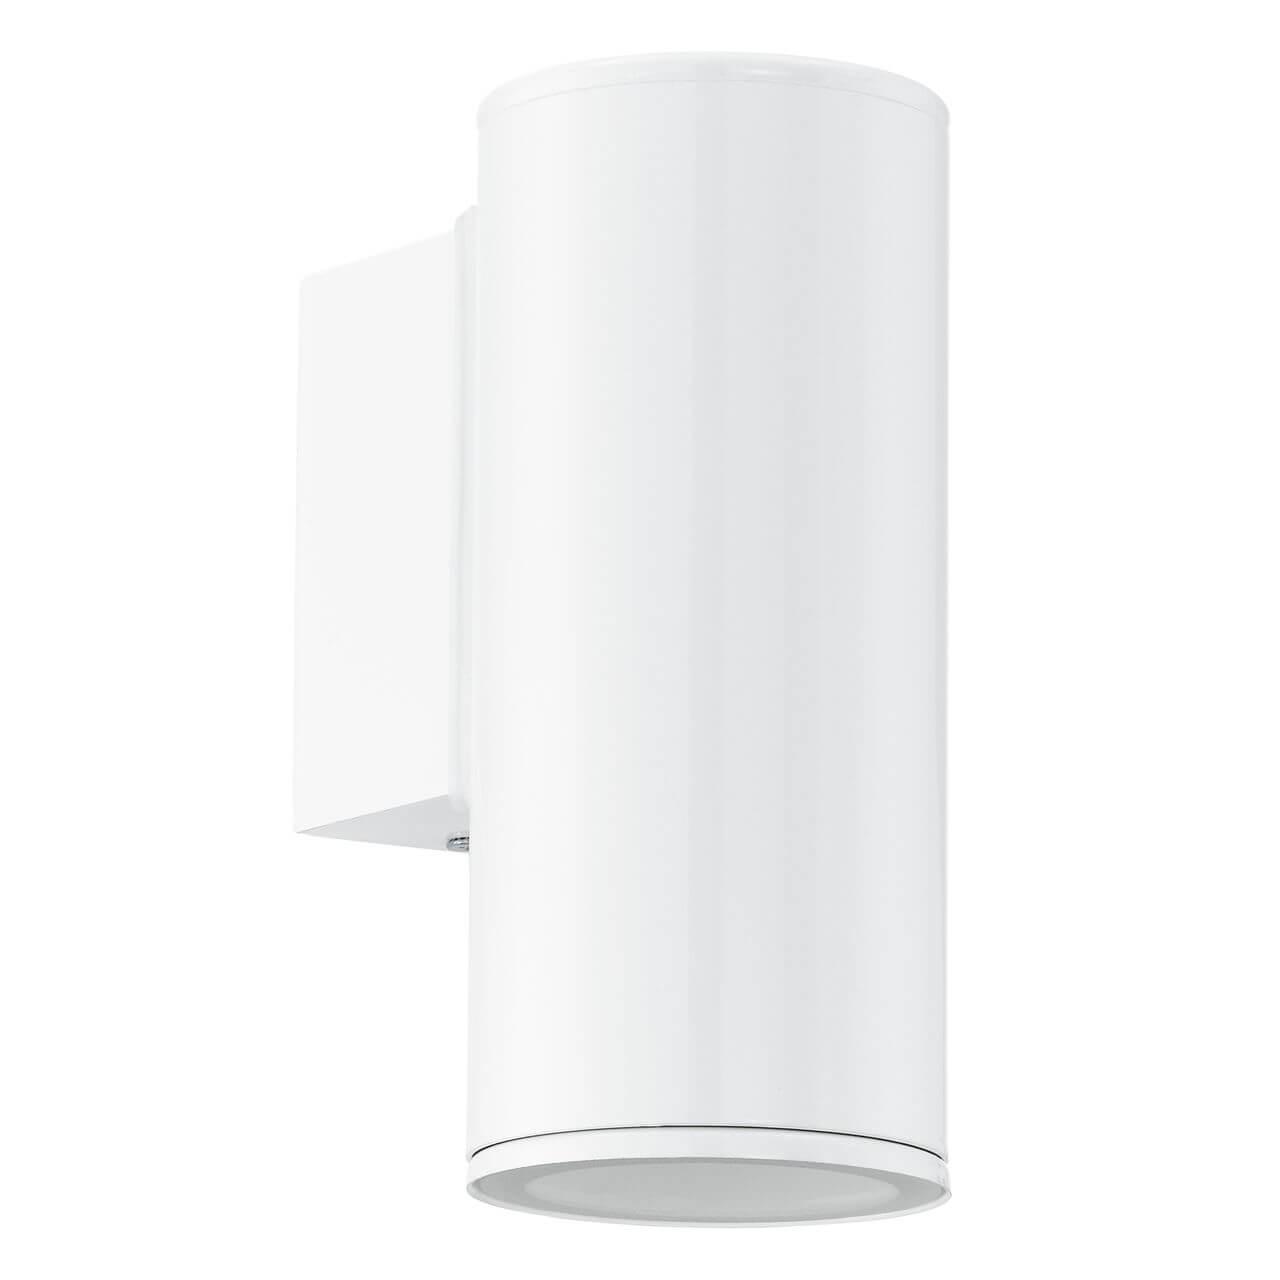 Уличный светильник Eglo 94099, GU10 все цены